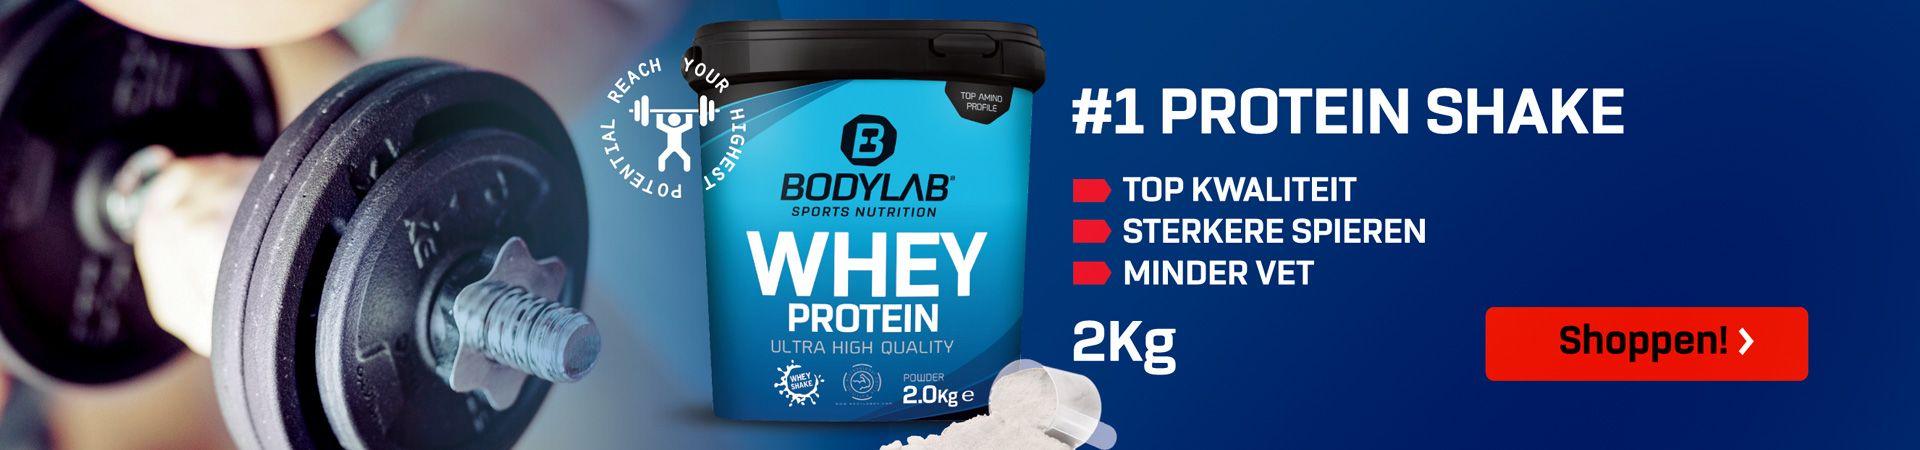 blauwe achtergrond met Wei-eiwit blikje 2 kilo en informatie over de voedingswaarden